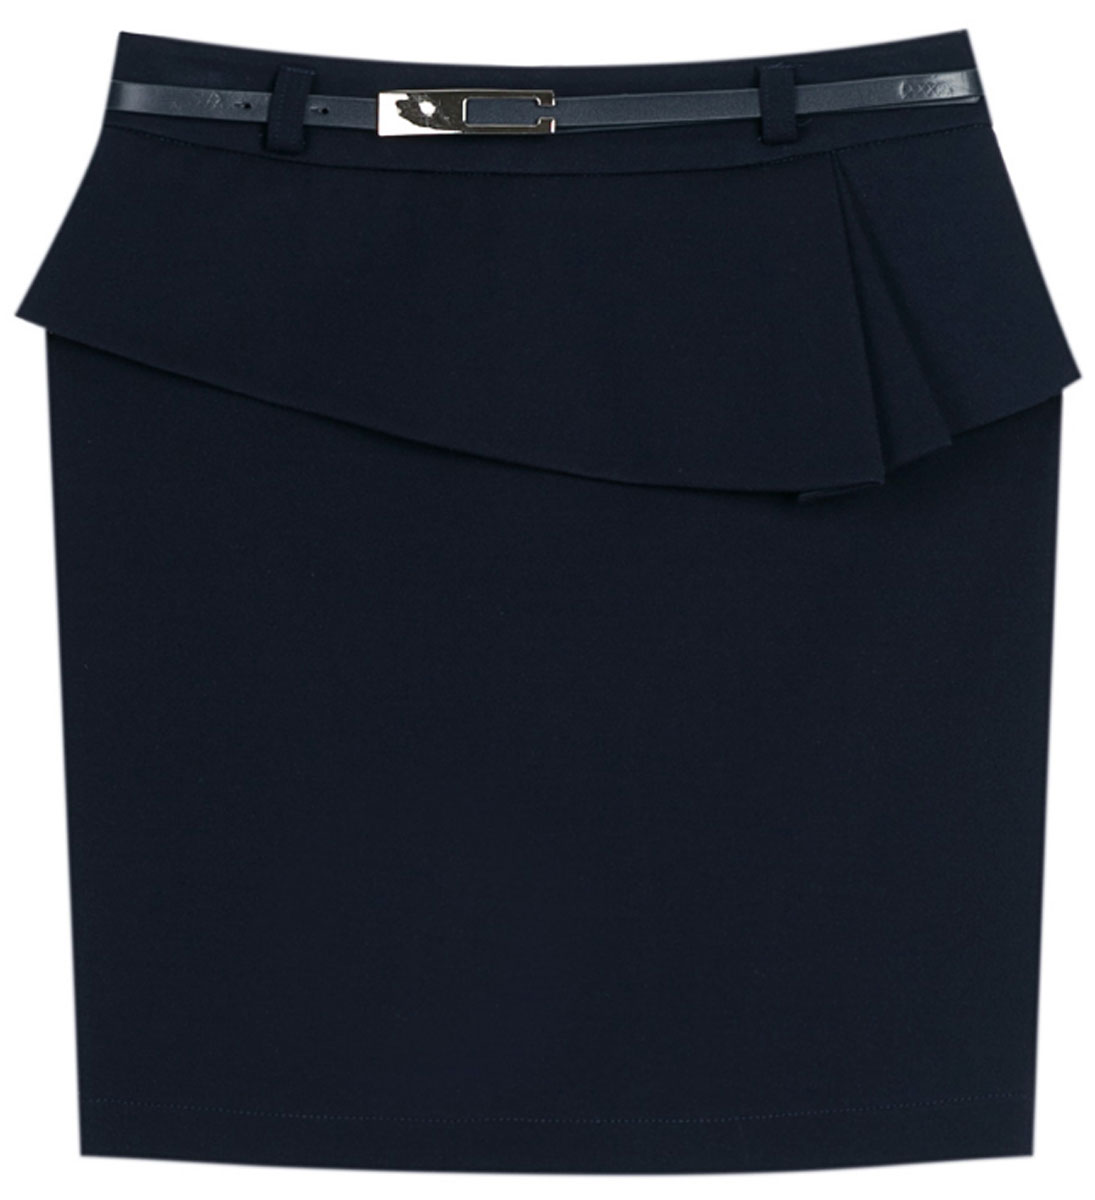 Юбка для девочки Vitacci, цвет: синий. 2173043L-04. Размер 1522173043L-04Стильная юбка для девочки от Vitacci выполнена из вискозы и нейлона с добавлением эластана. Модель дополнена ремешком и баской, застегивается на молнию.